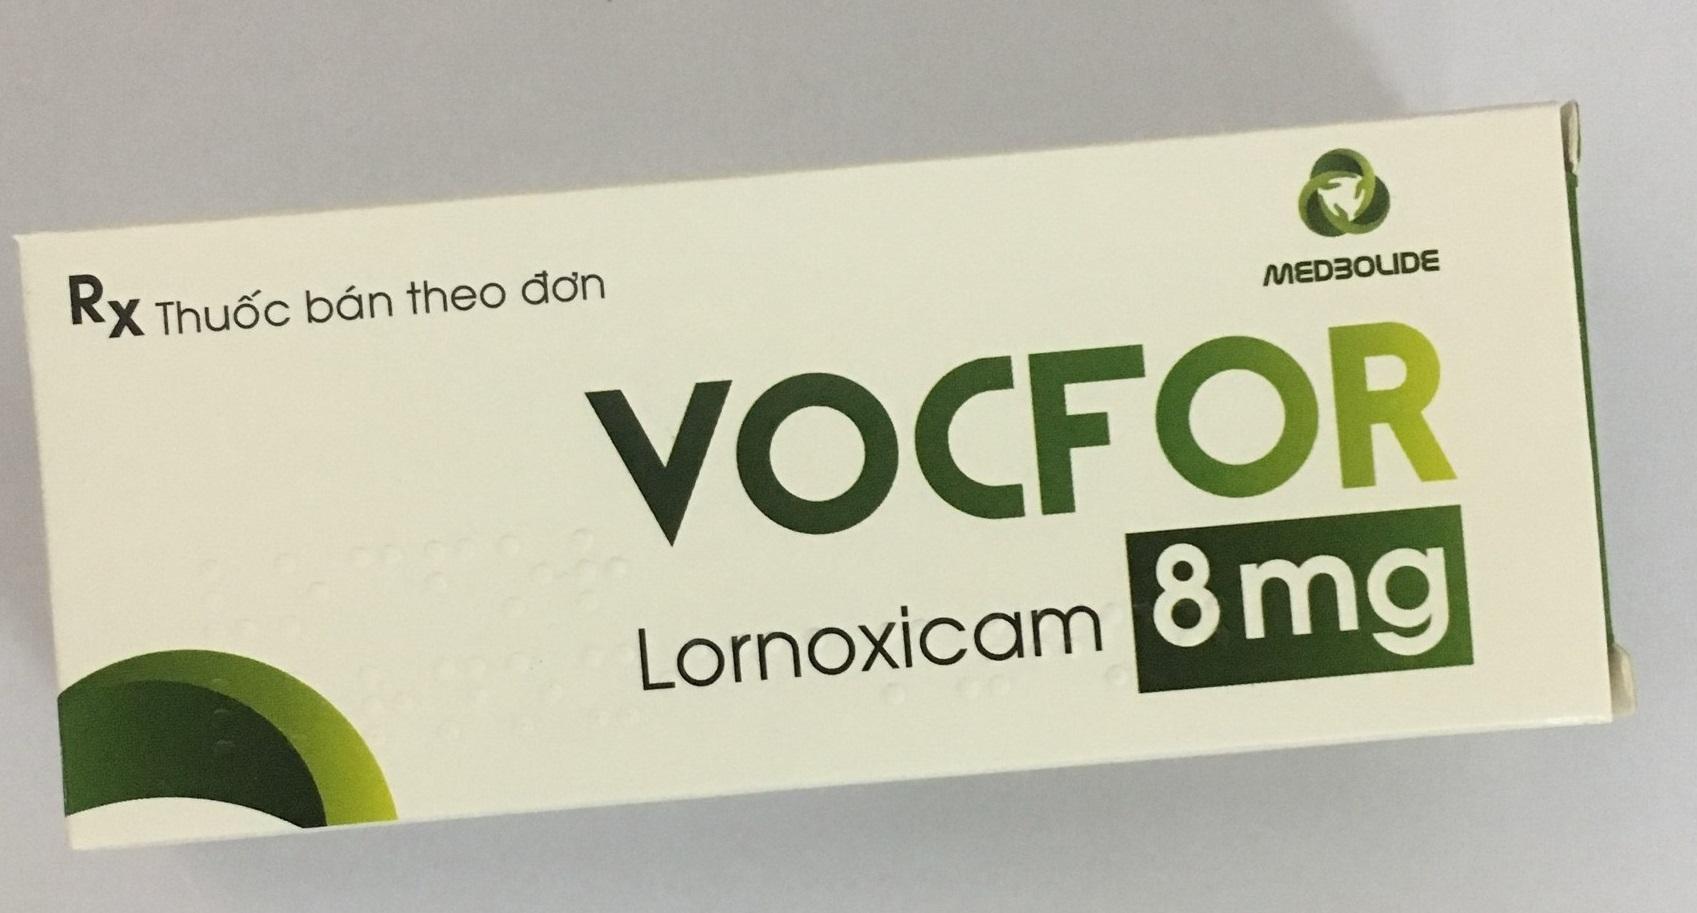 Vocfor